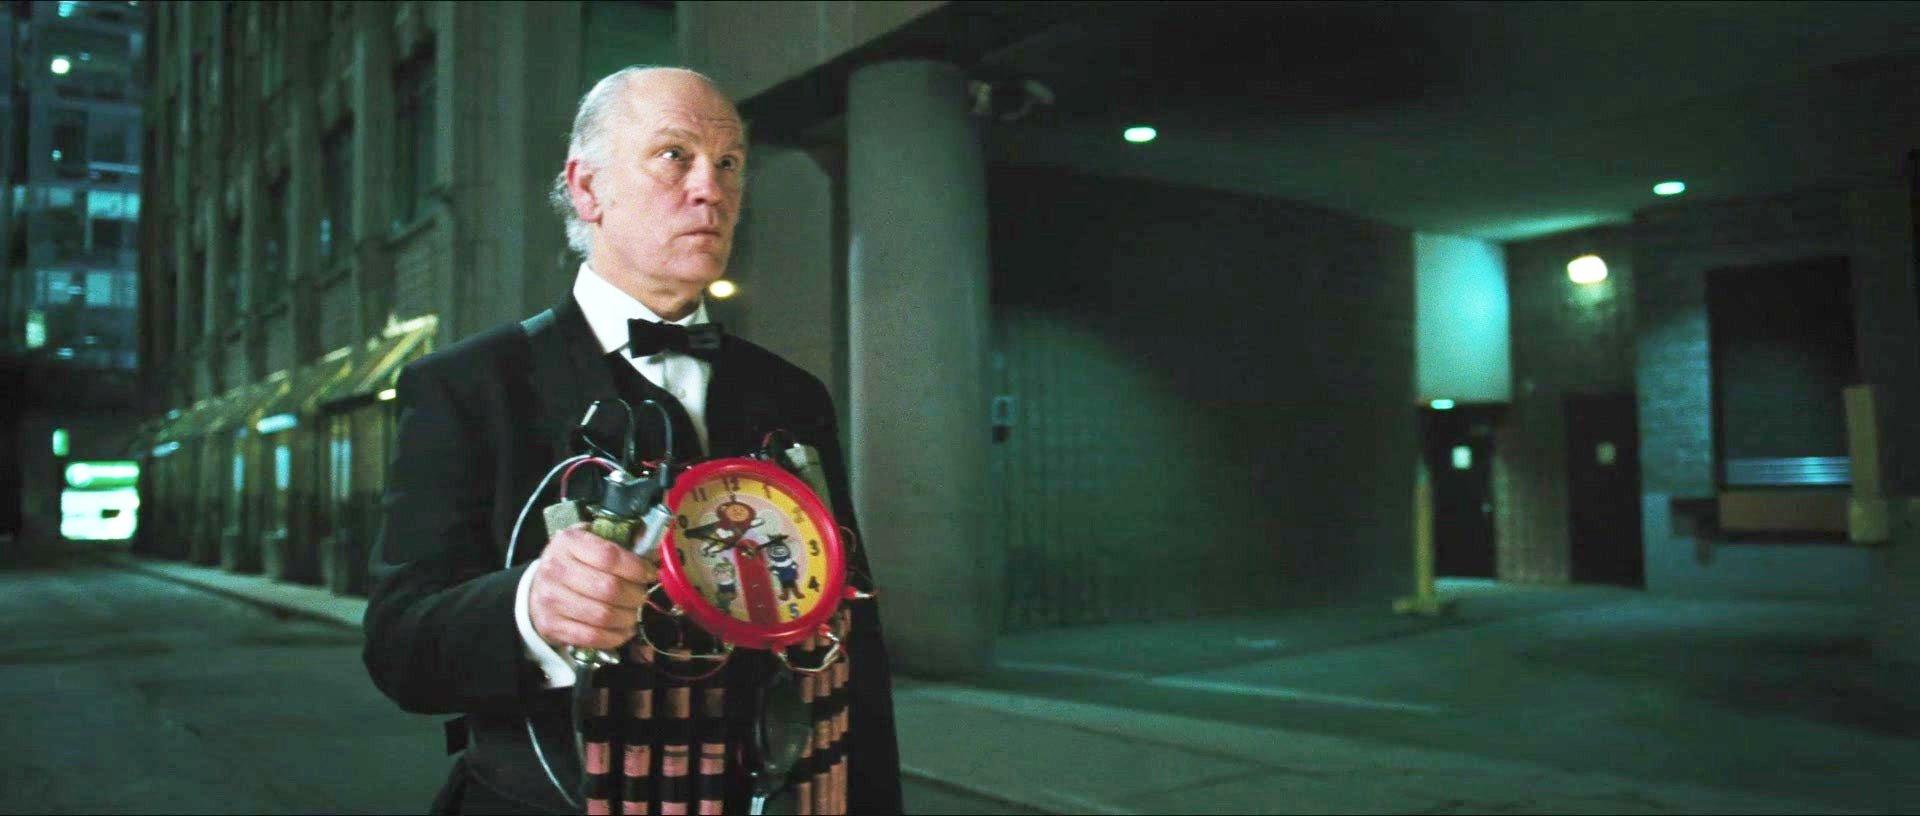 Red Movie Still John Malkovich Stars As Marvin Boggs In